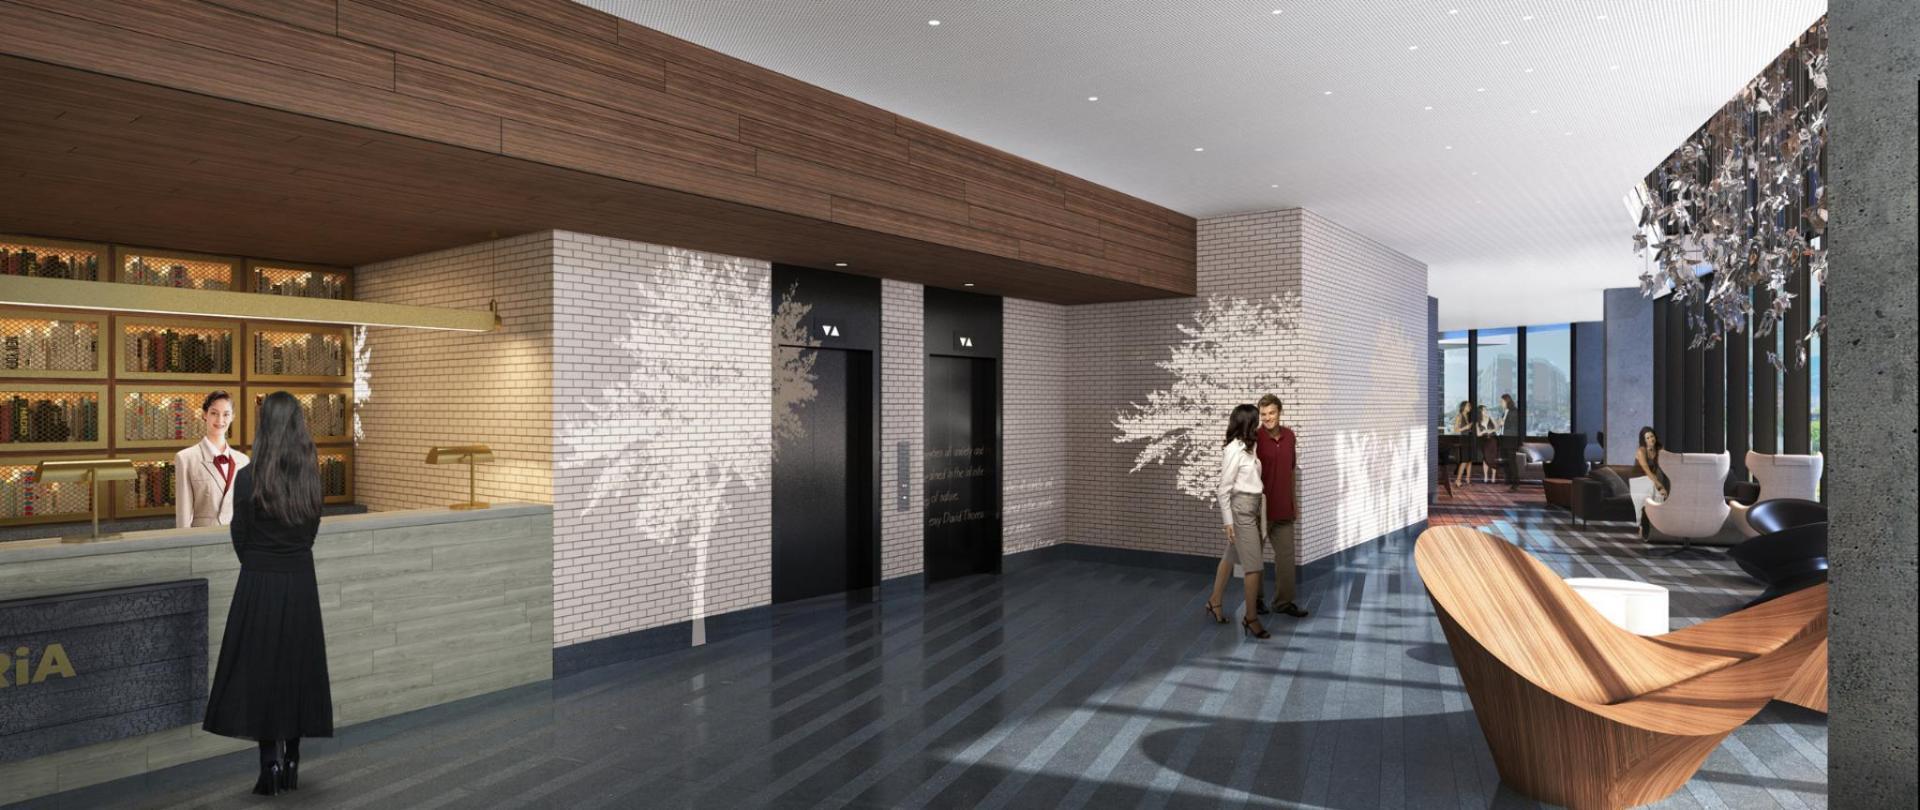 lobby1 rendering.png